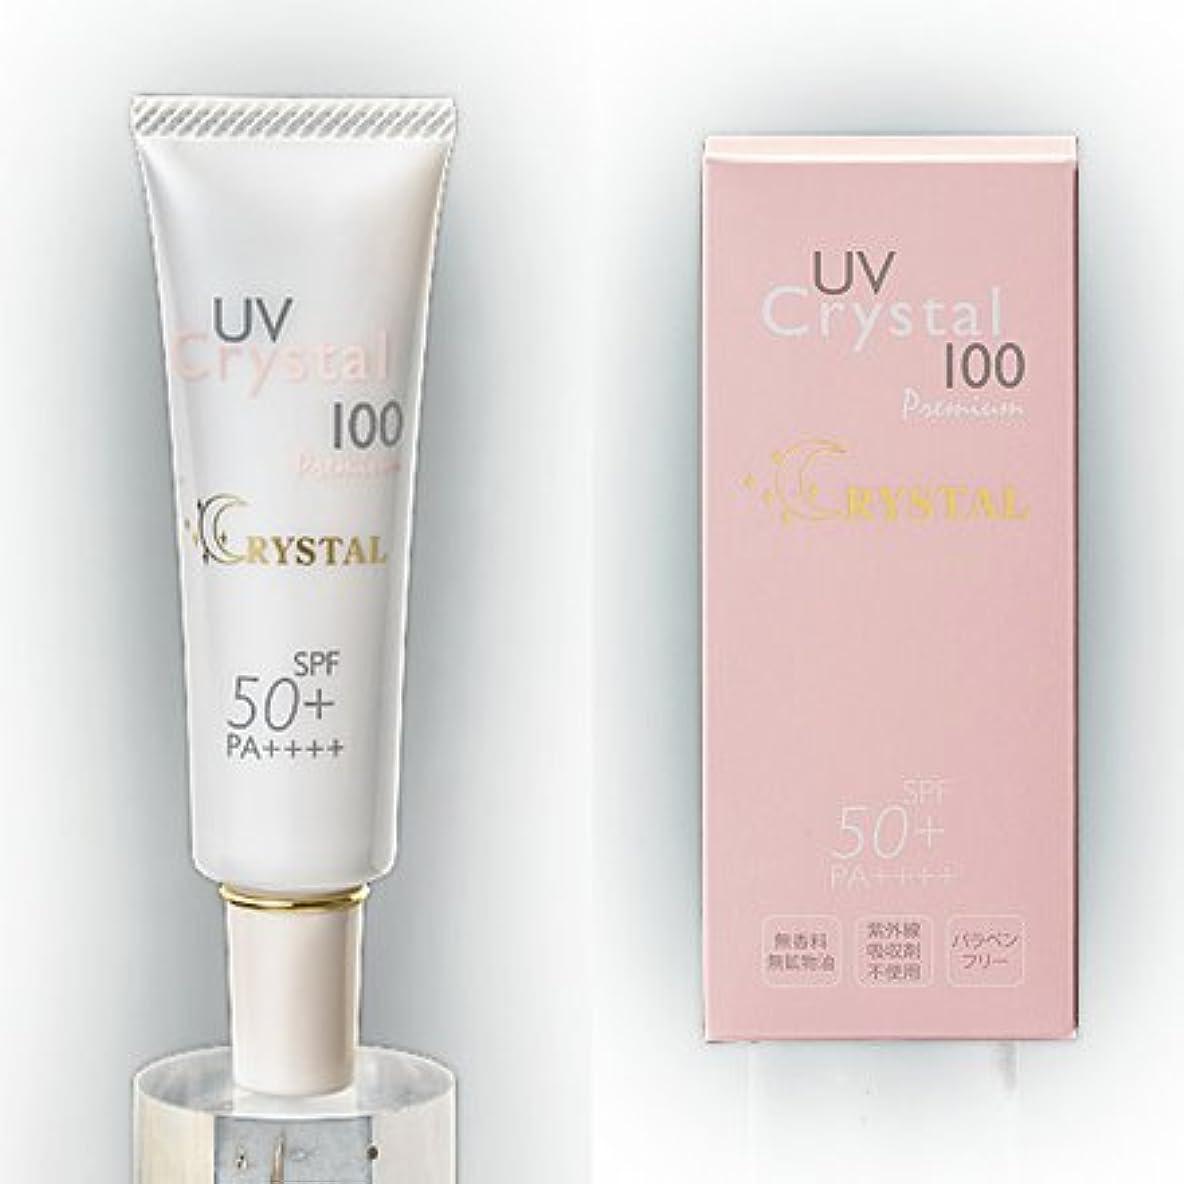 いつも証拠の配列UVクリスタル100 プレミアム30g 日焼け止めクリーム 日焼け止め 敏感肌 UVクリーム